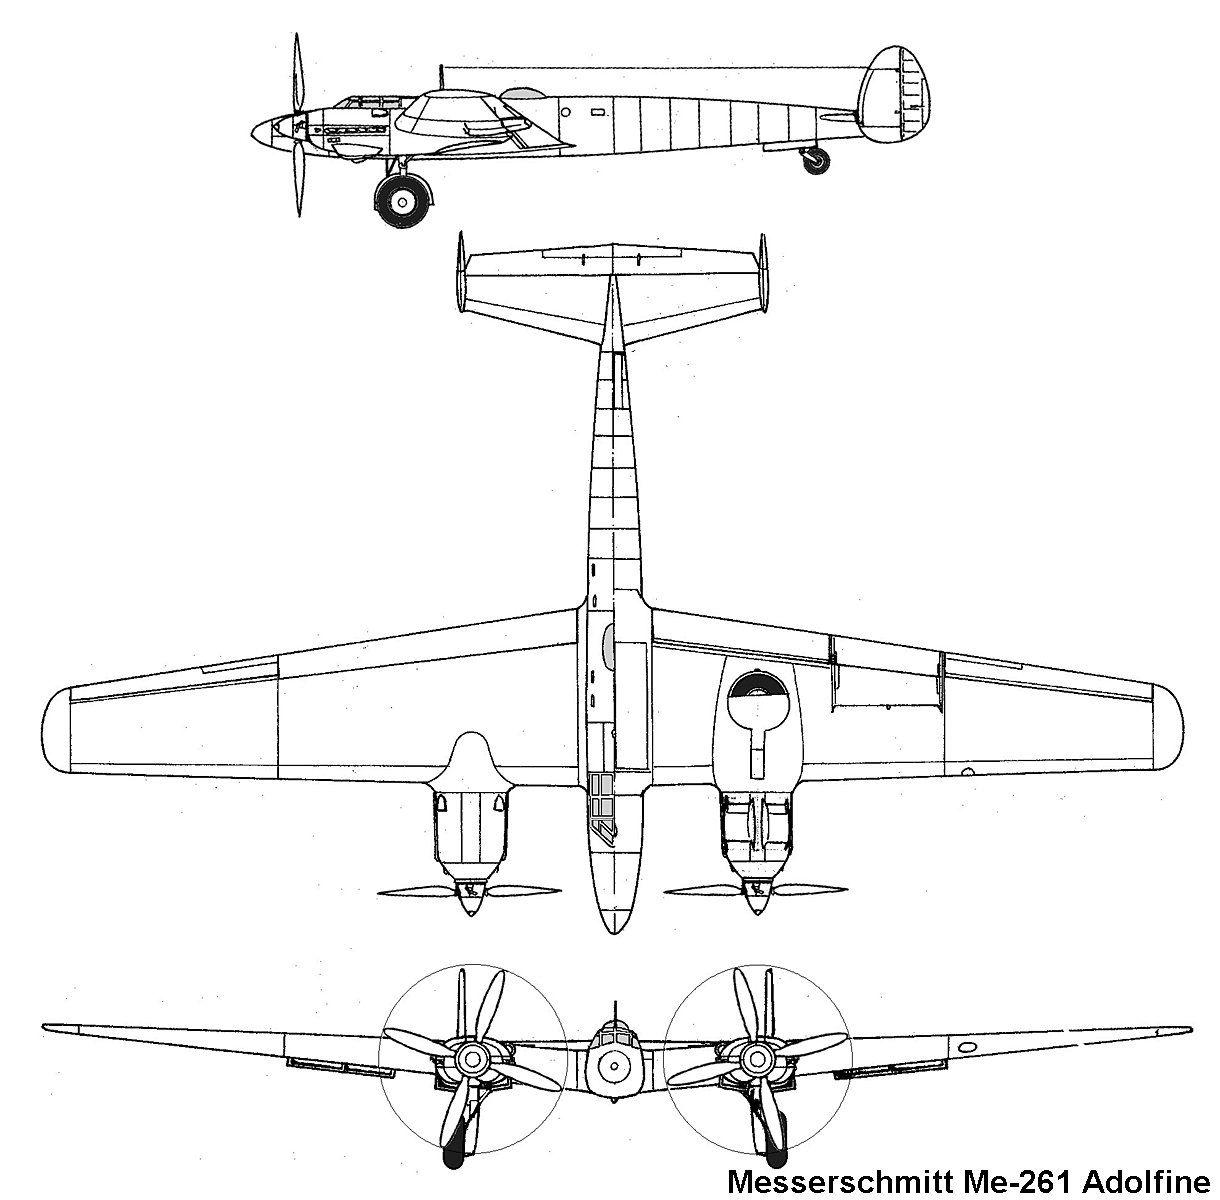 """Messerschmitt Me 261 de V1 y V2 El DB 606 """"sistemas de energía"""" fueron desarrollados originalmente para el Heinkel He 119 aviones de reconocimiento de un solo """"motor"""" de alta velocidad, y el bombardero Heinkel He 177 , pero el diseño del Me 261 albergando los DB 606 en las góndolas Bether  que conceden mucho mejor acceso para el mantenimiento que el bombardero pesado Heinkel jamás poseyó. Los problemas que el He 177 tenía ( en incendios de vuelo ) nunca ocurrieron con el Me 261"""